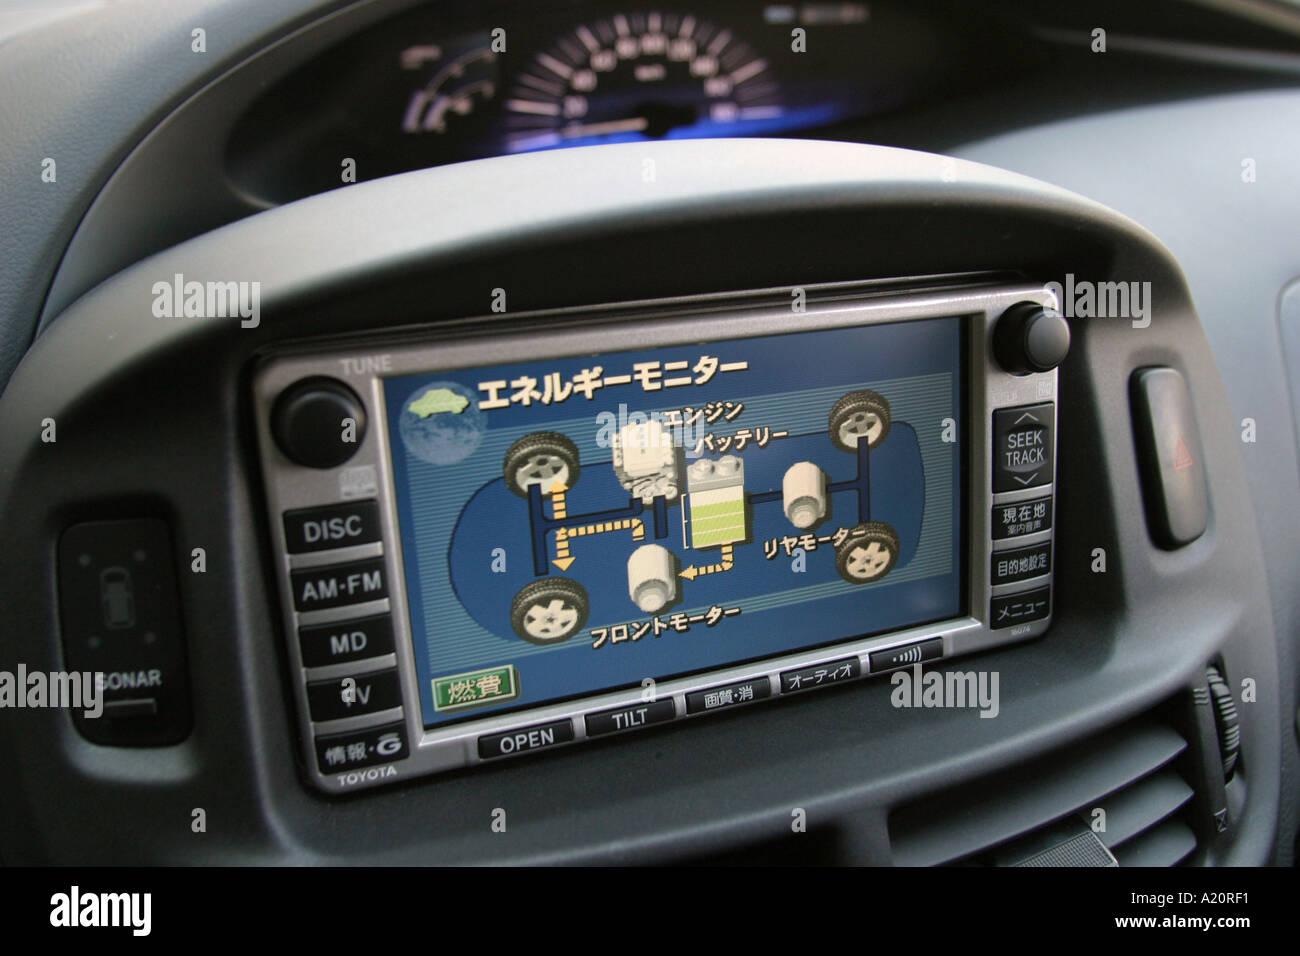 Toyota estima vehículo híbrido en la pista test drive, Toyota MegaWeb, Tokio, Japón Imagen De Stock